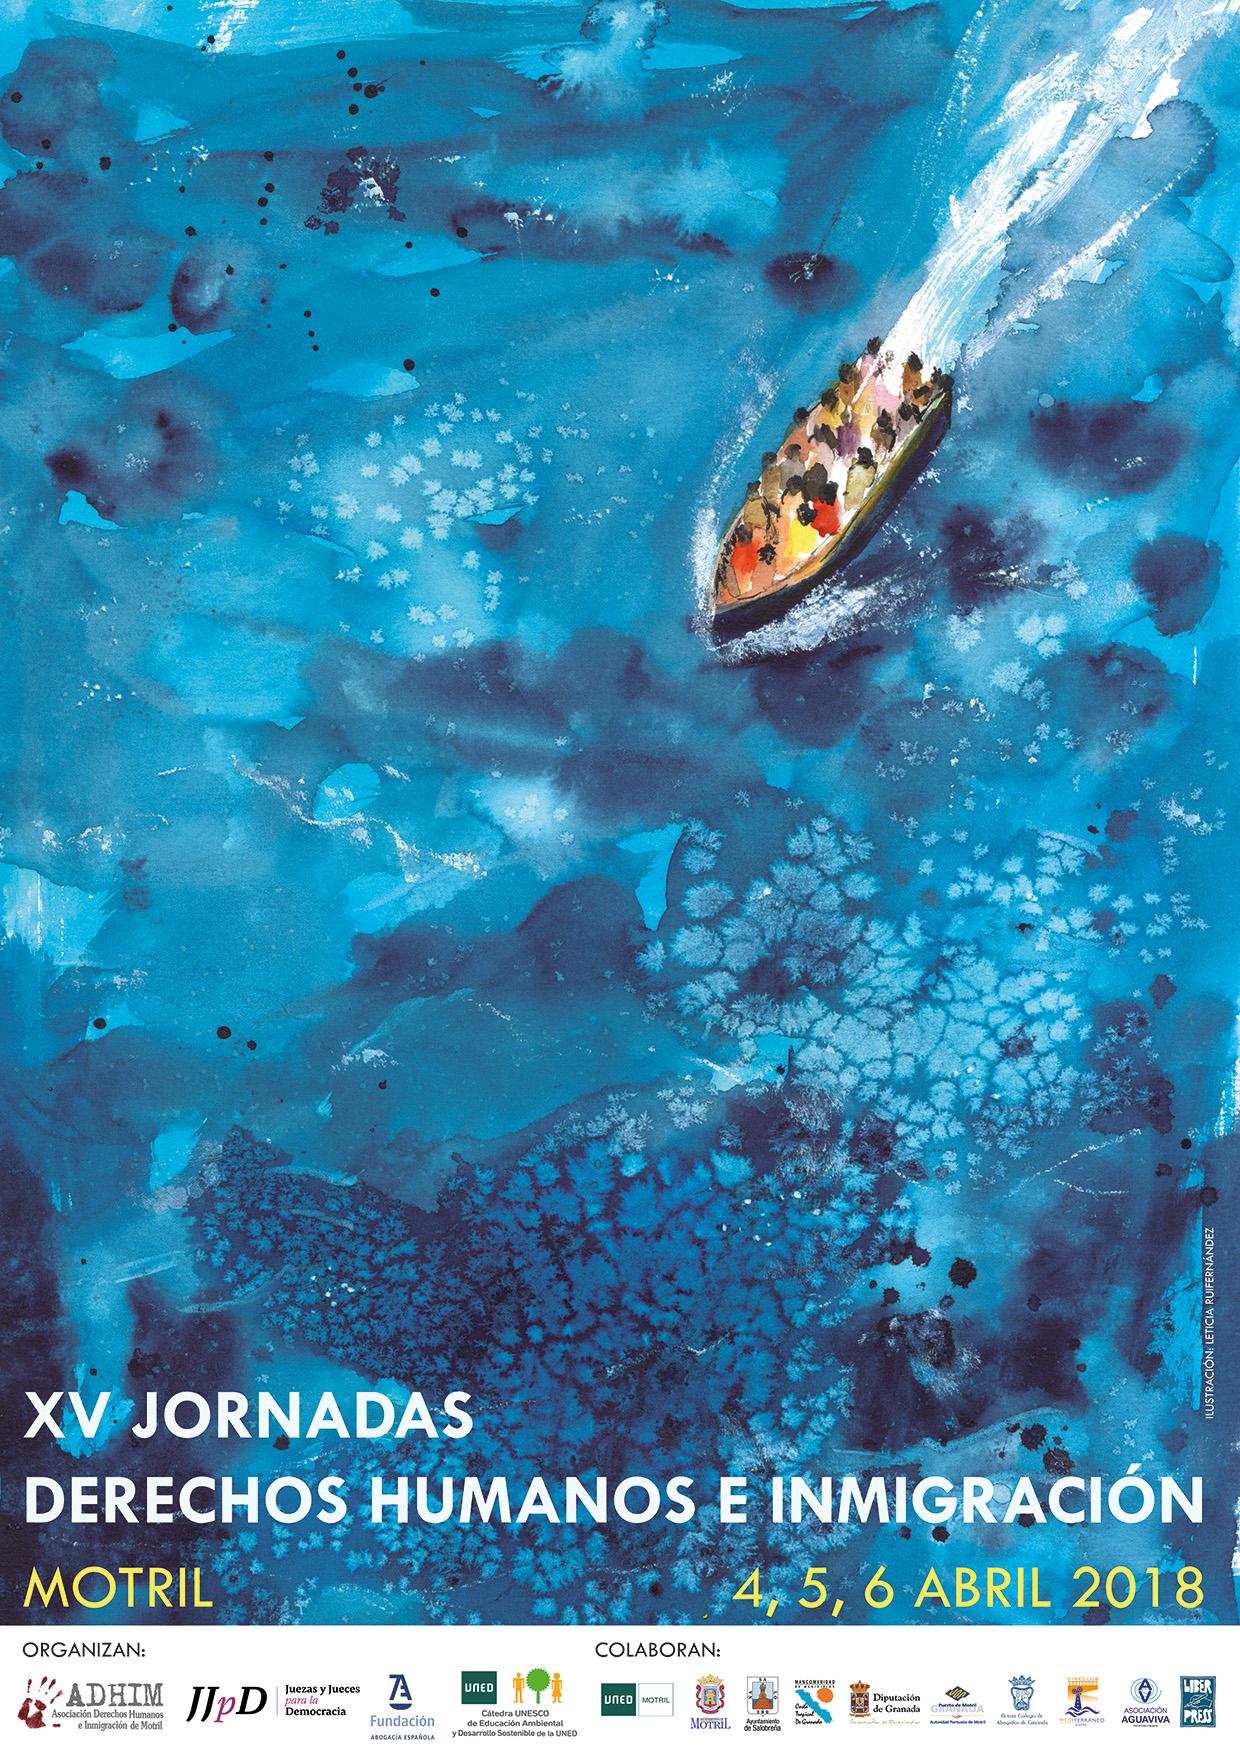 XV Jornadas de Derechos Humanos y Migraciones de Motril (4,5,6 Abril).